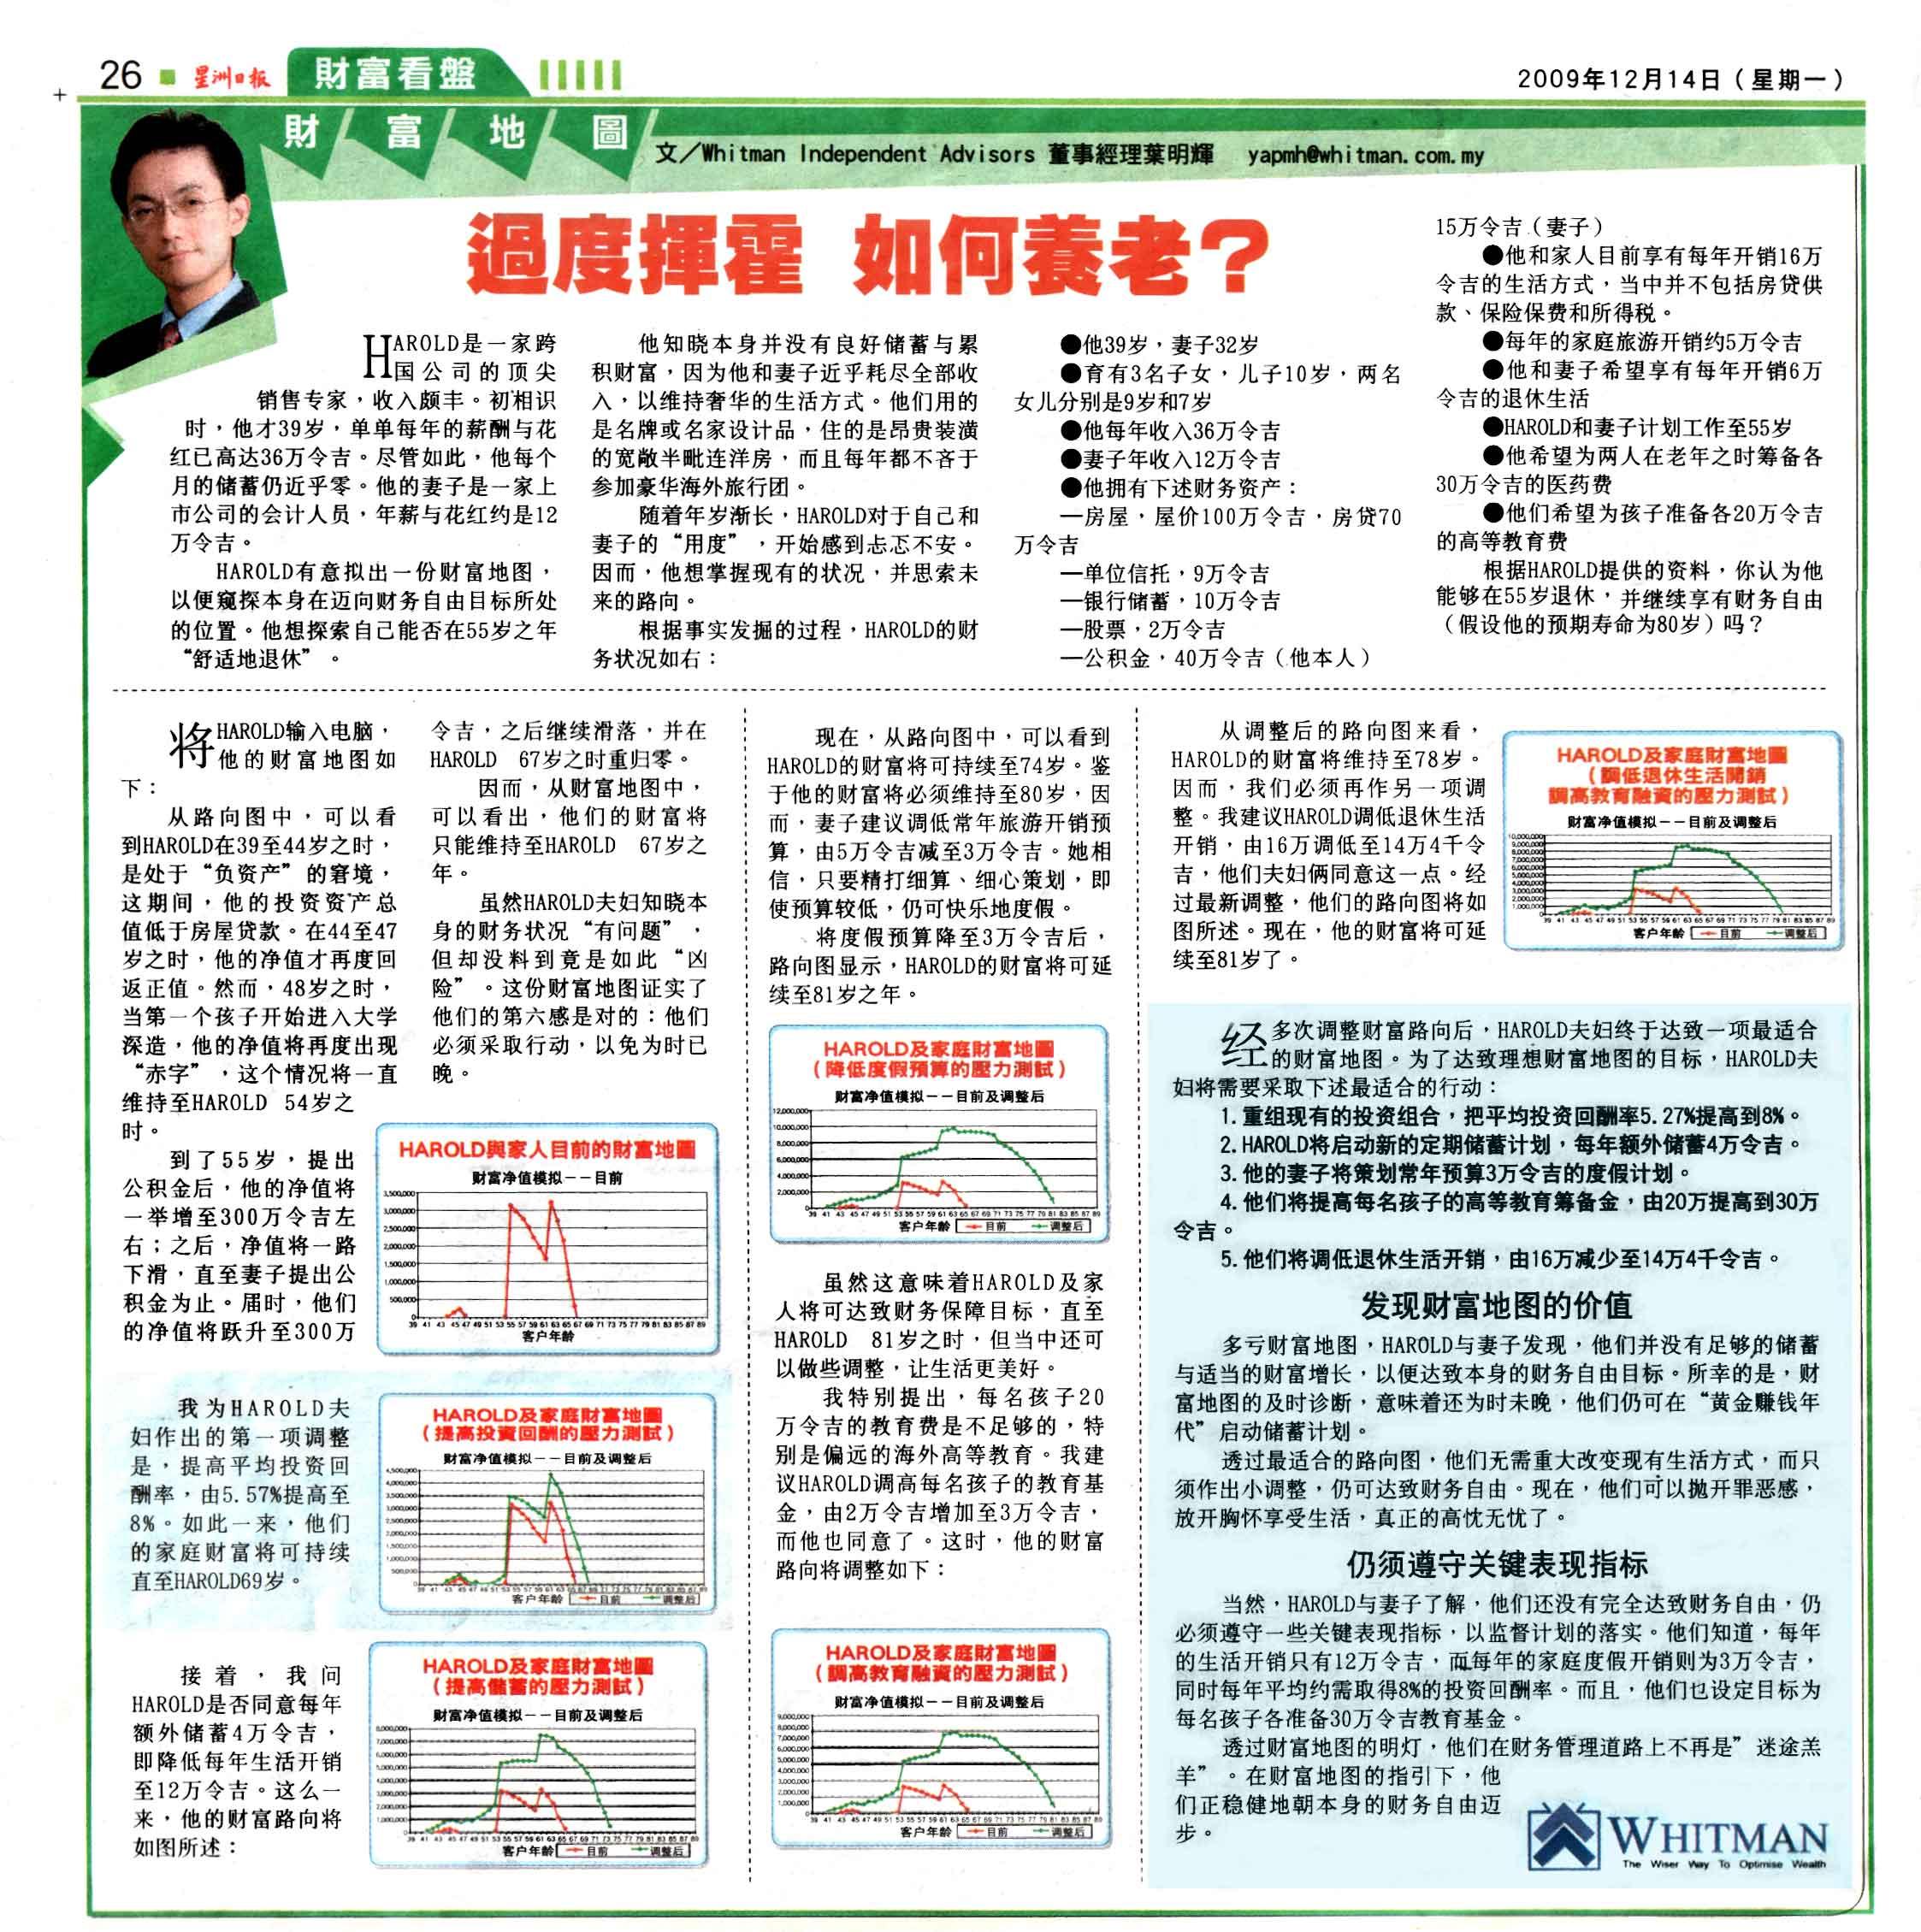 过度挥霍 如何养老?(星洲日报) - 14 Dec 2009